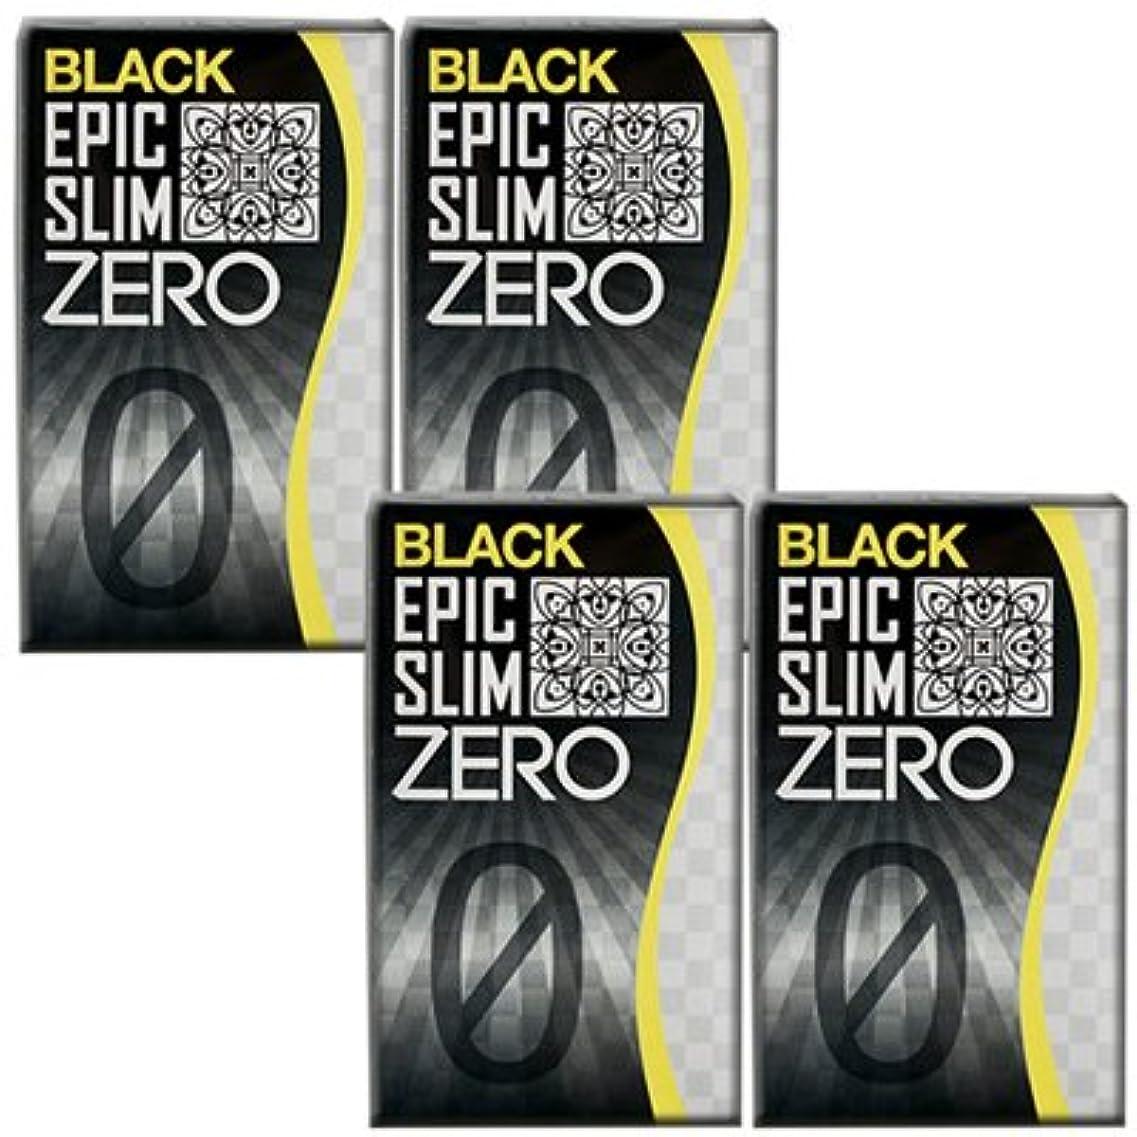 ベッド出身地月ブラック エピックスリム ゼロ ブラック 4個セット!  Epic Slim ZERO BLACK ×4個